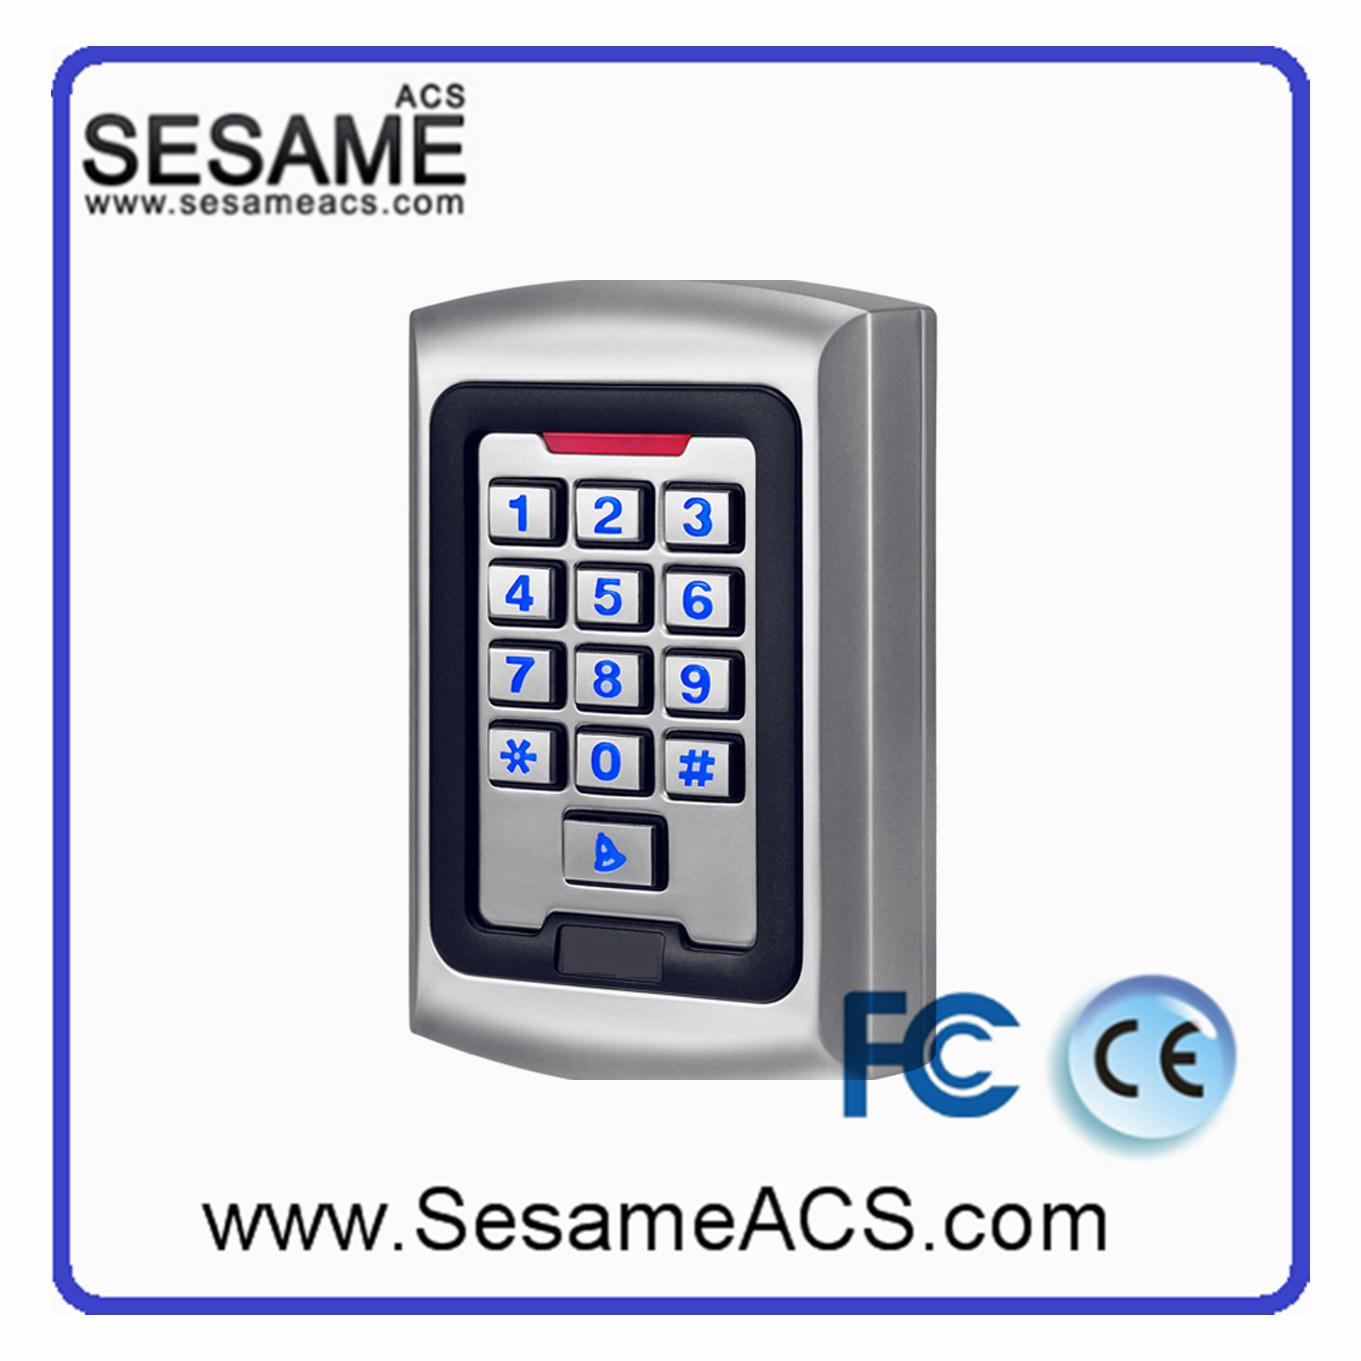 IP68 Waterproof Door Access Control Wiegand with 13.56MHz Card Reader S5c (IC/IP68)